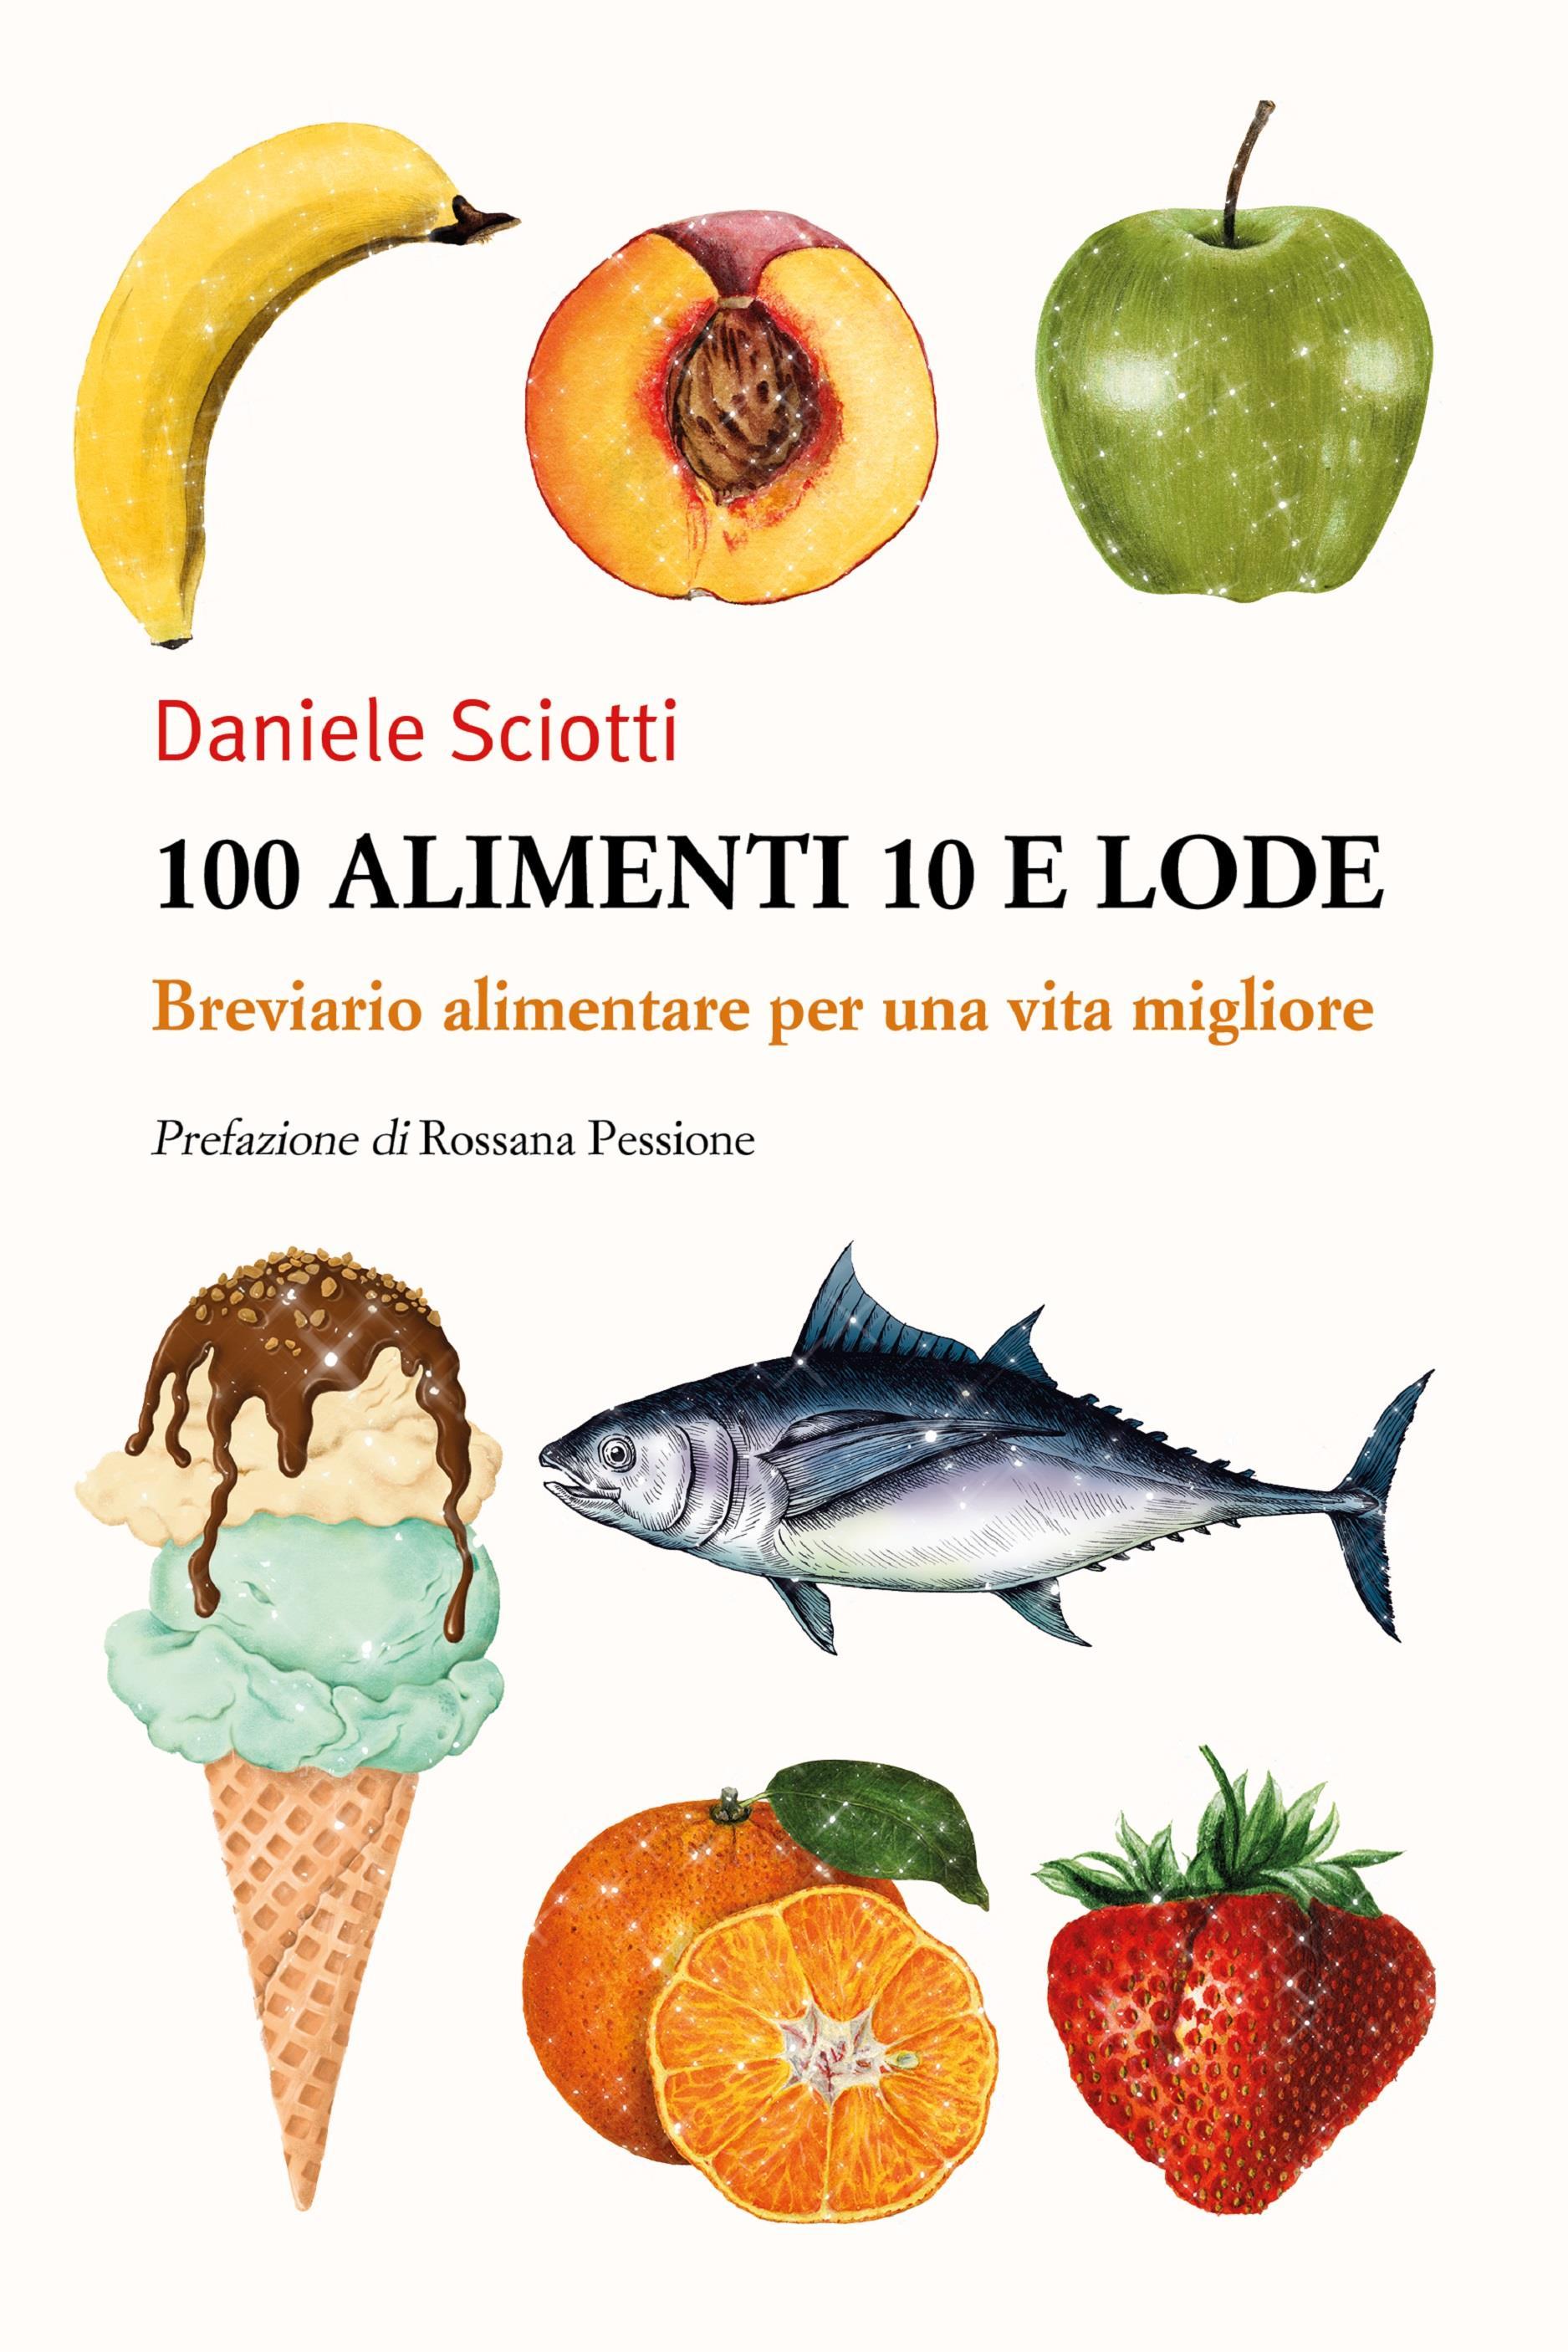 100 alimenti 10 e lode. Breviario alimentare per una vita migliore